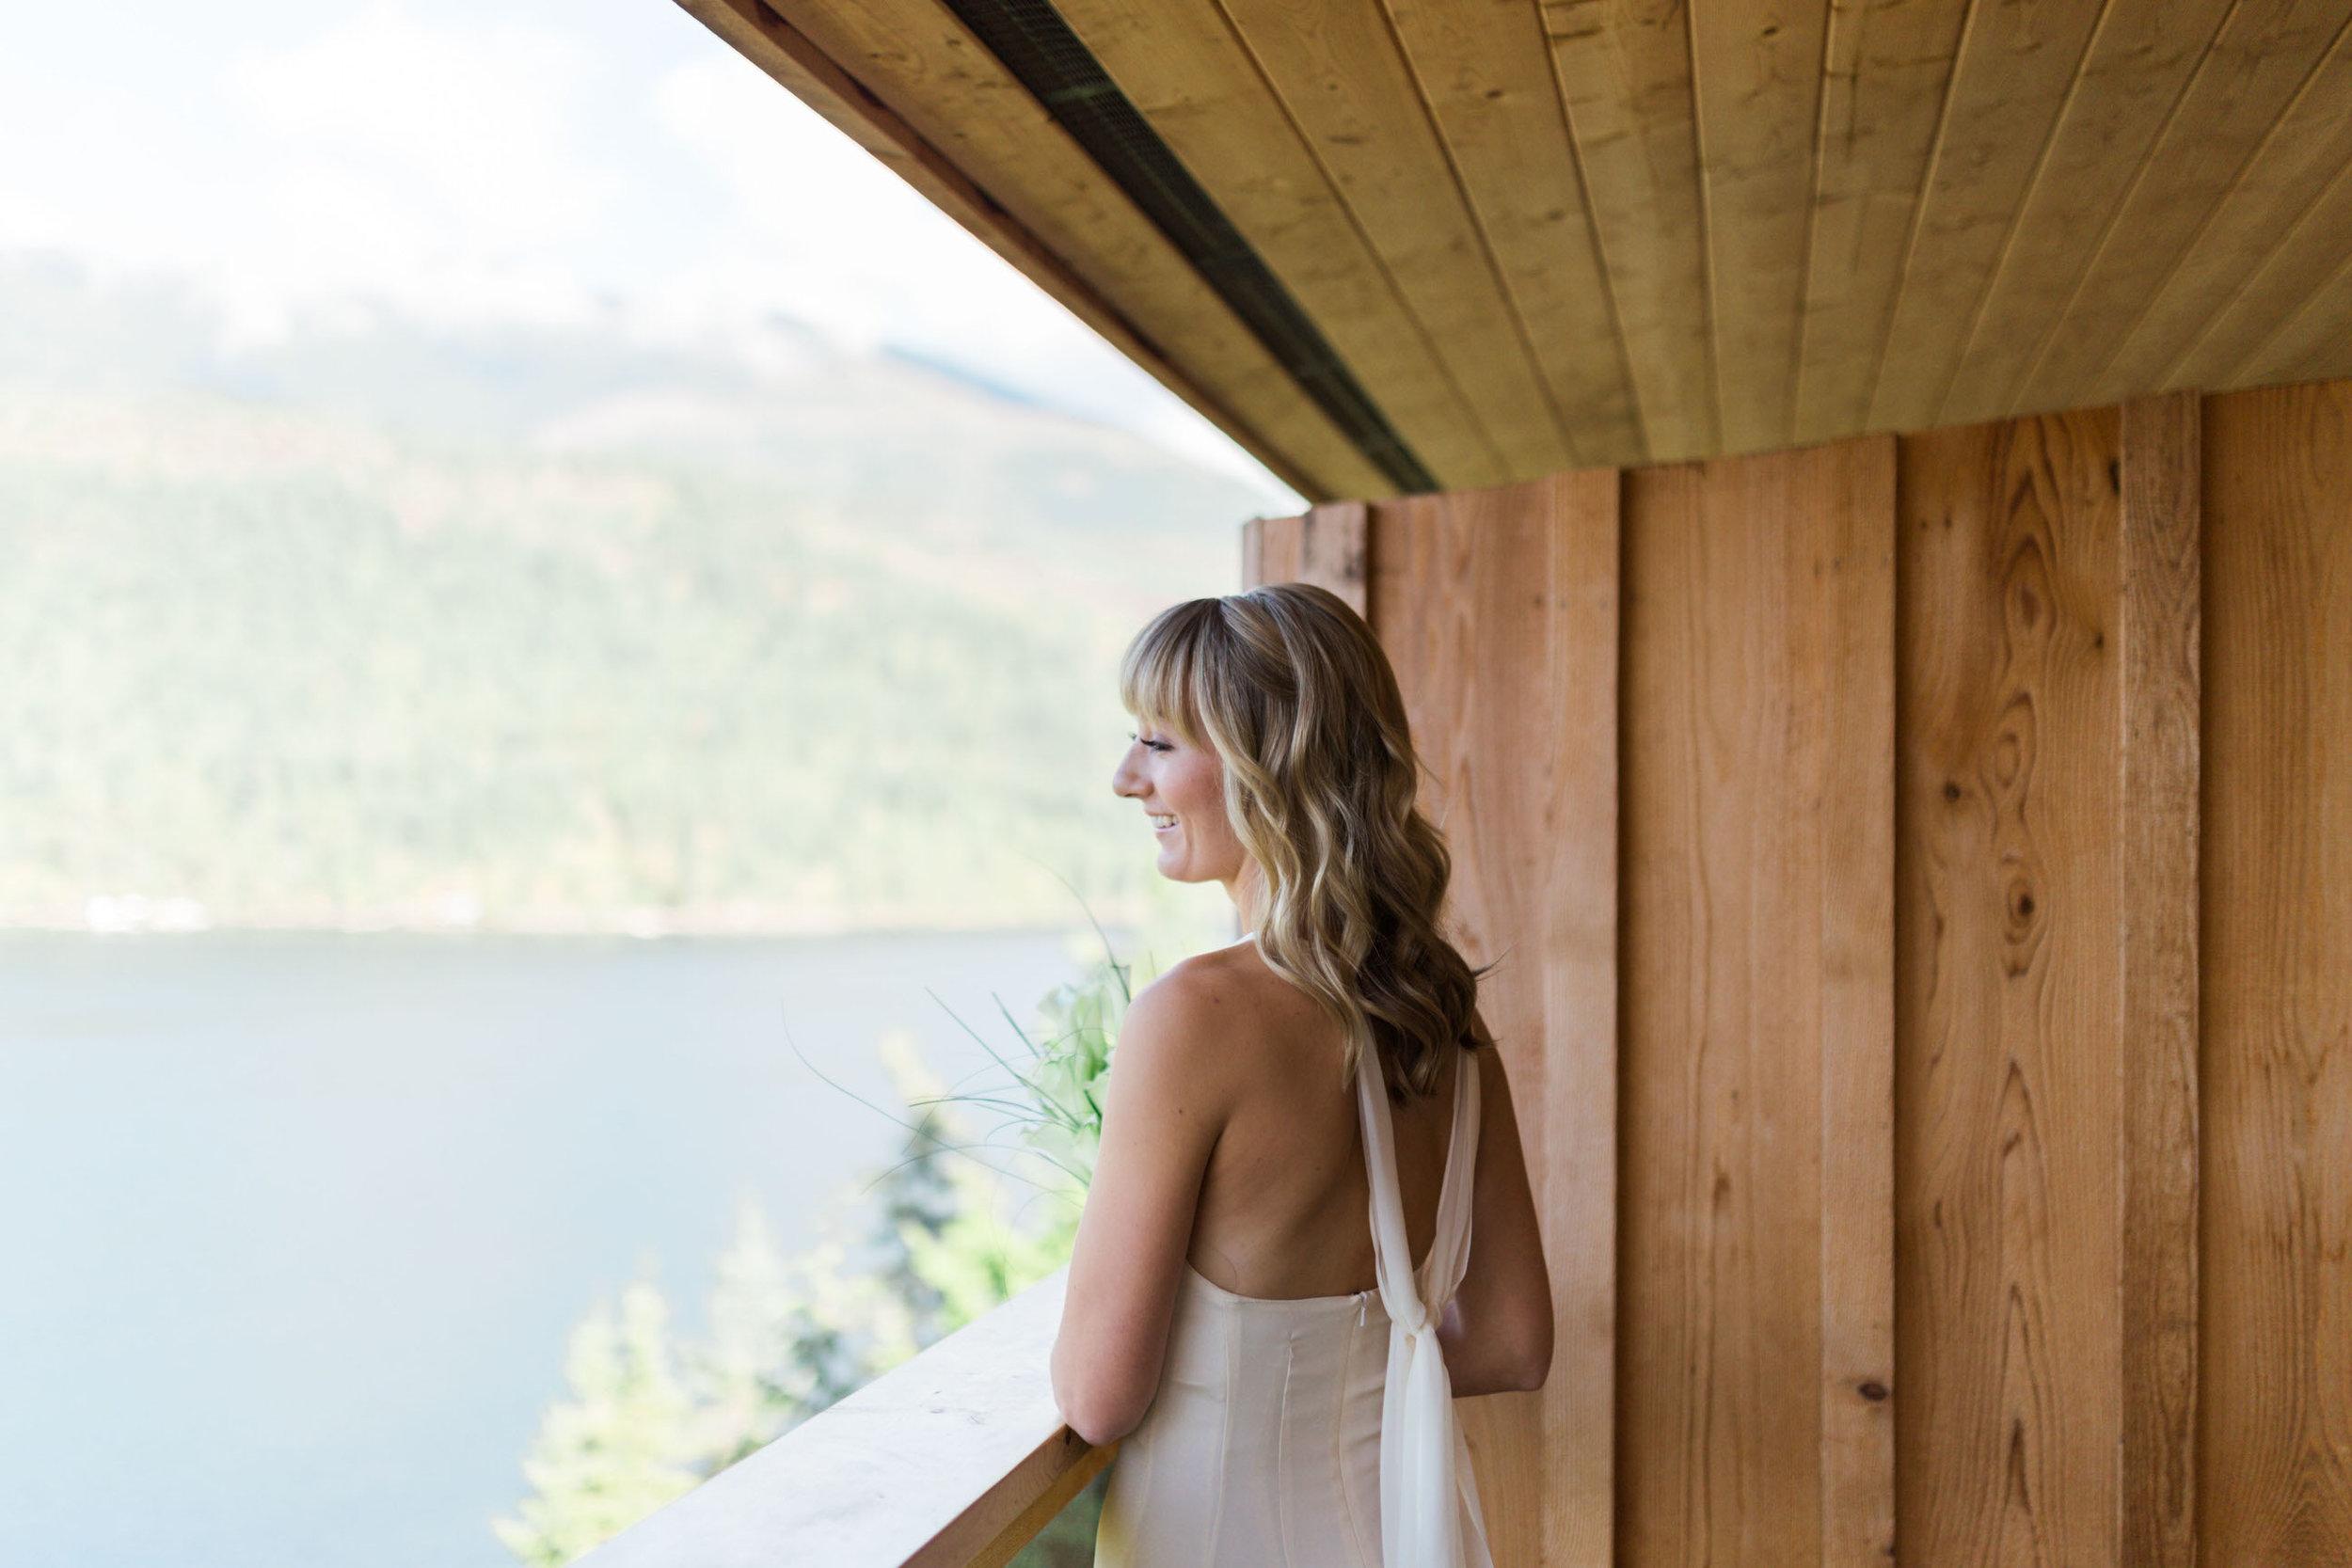 Sunshine Coast Wedding Photographer - Vancouver Wedding Photographer - West Coast Wilderness Lodge Wedding - Jennifer Picard Photography - IMG_6483.jpg